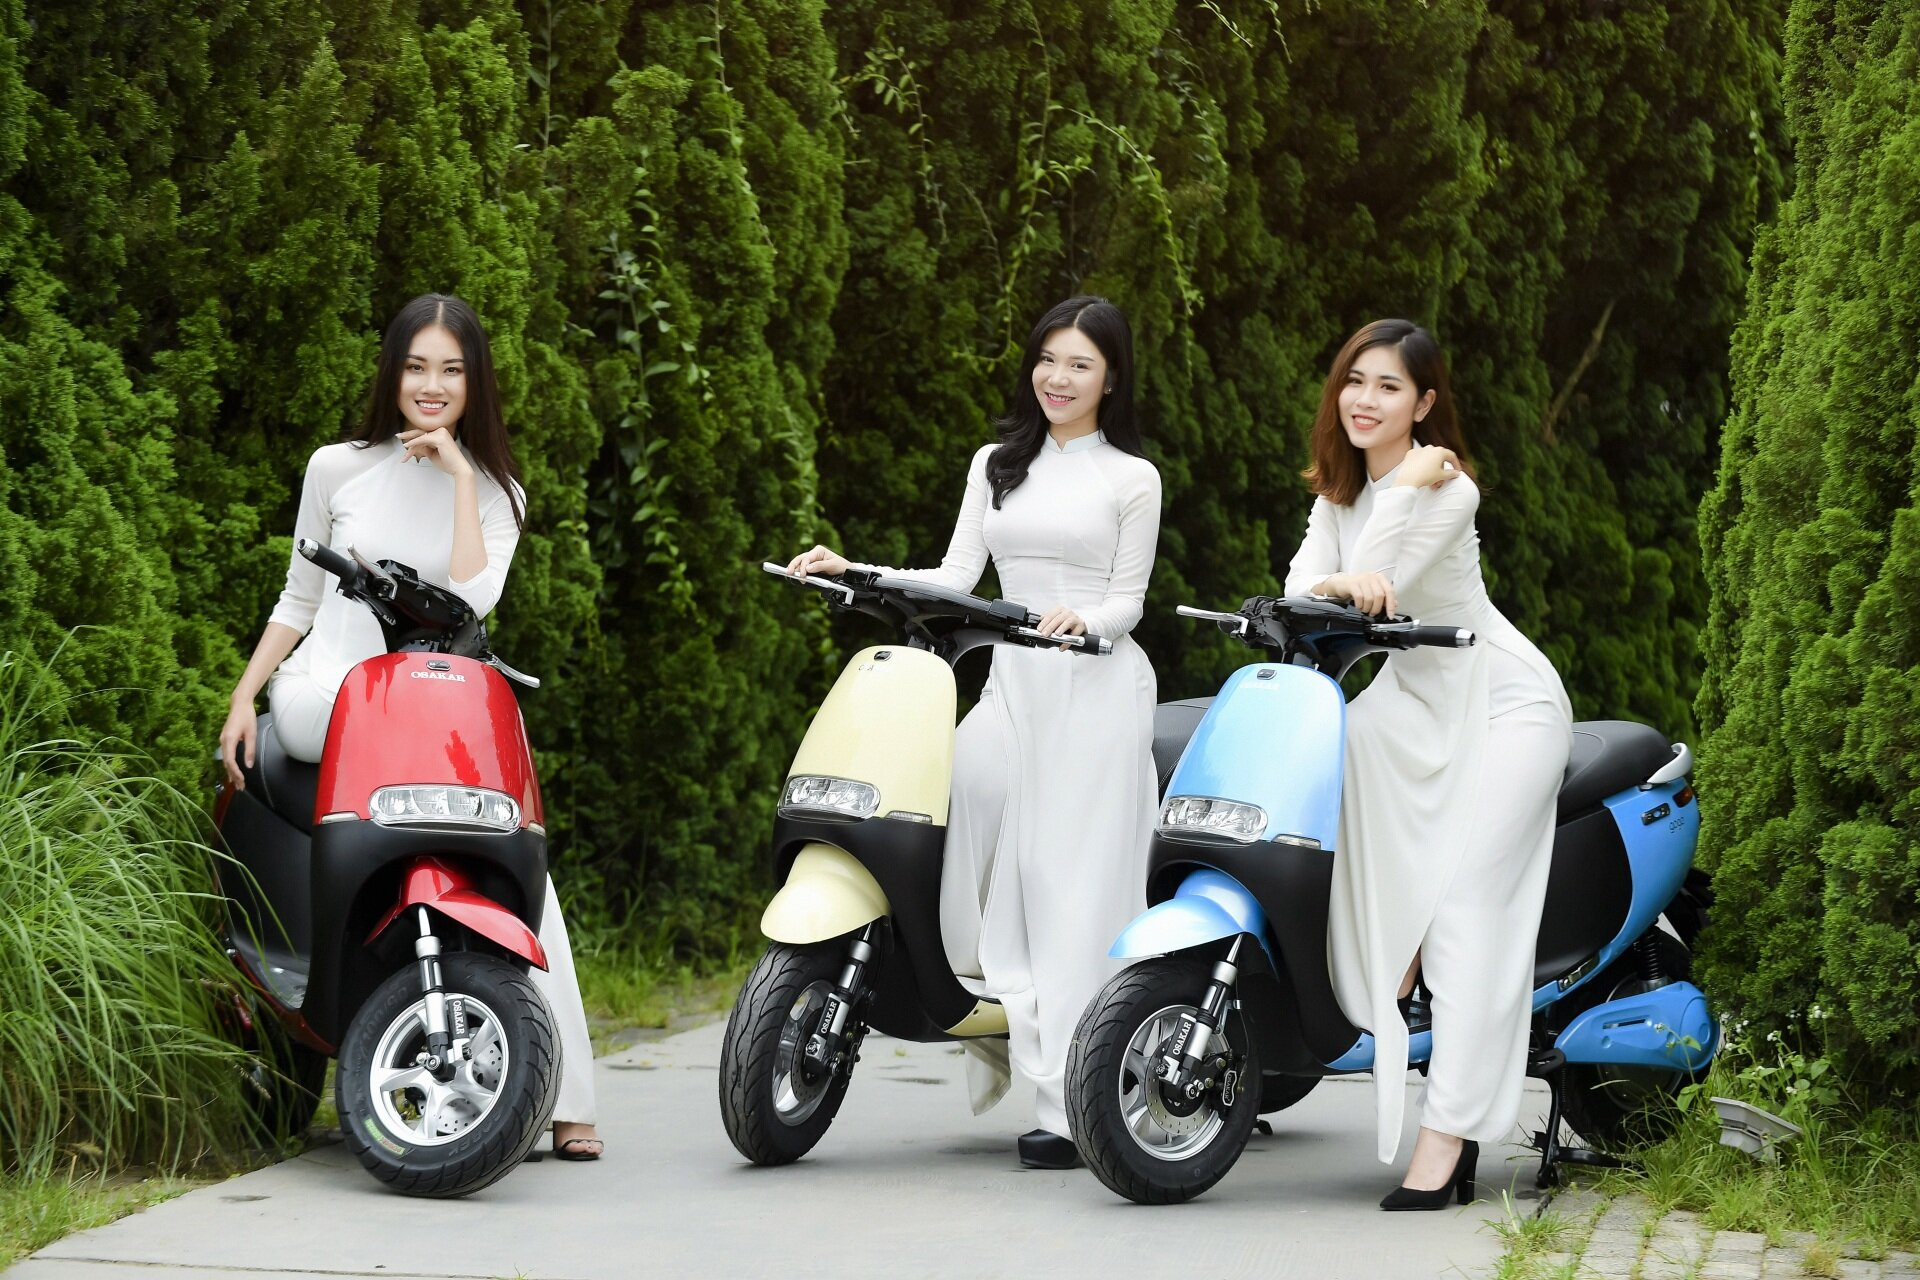 Xe máy điện Gogo sẽ phù hợp với các bạn học sinh, sinh viên